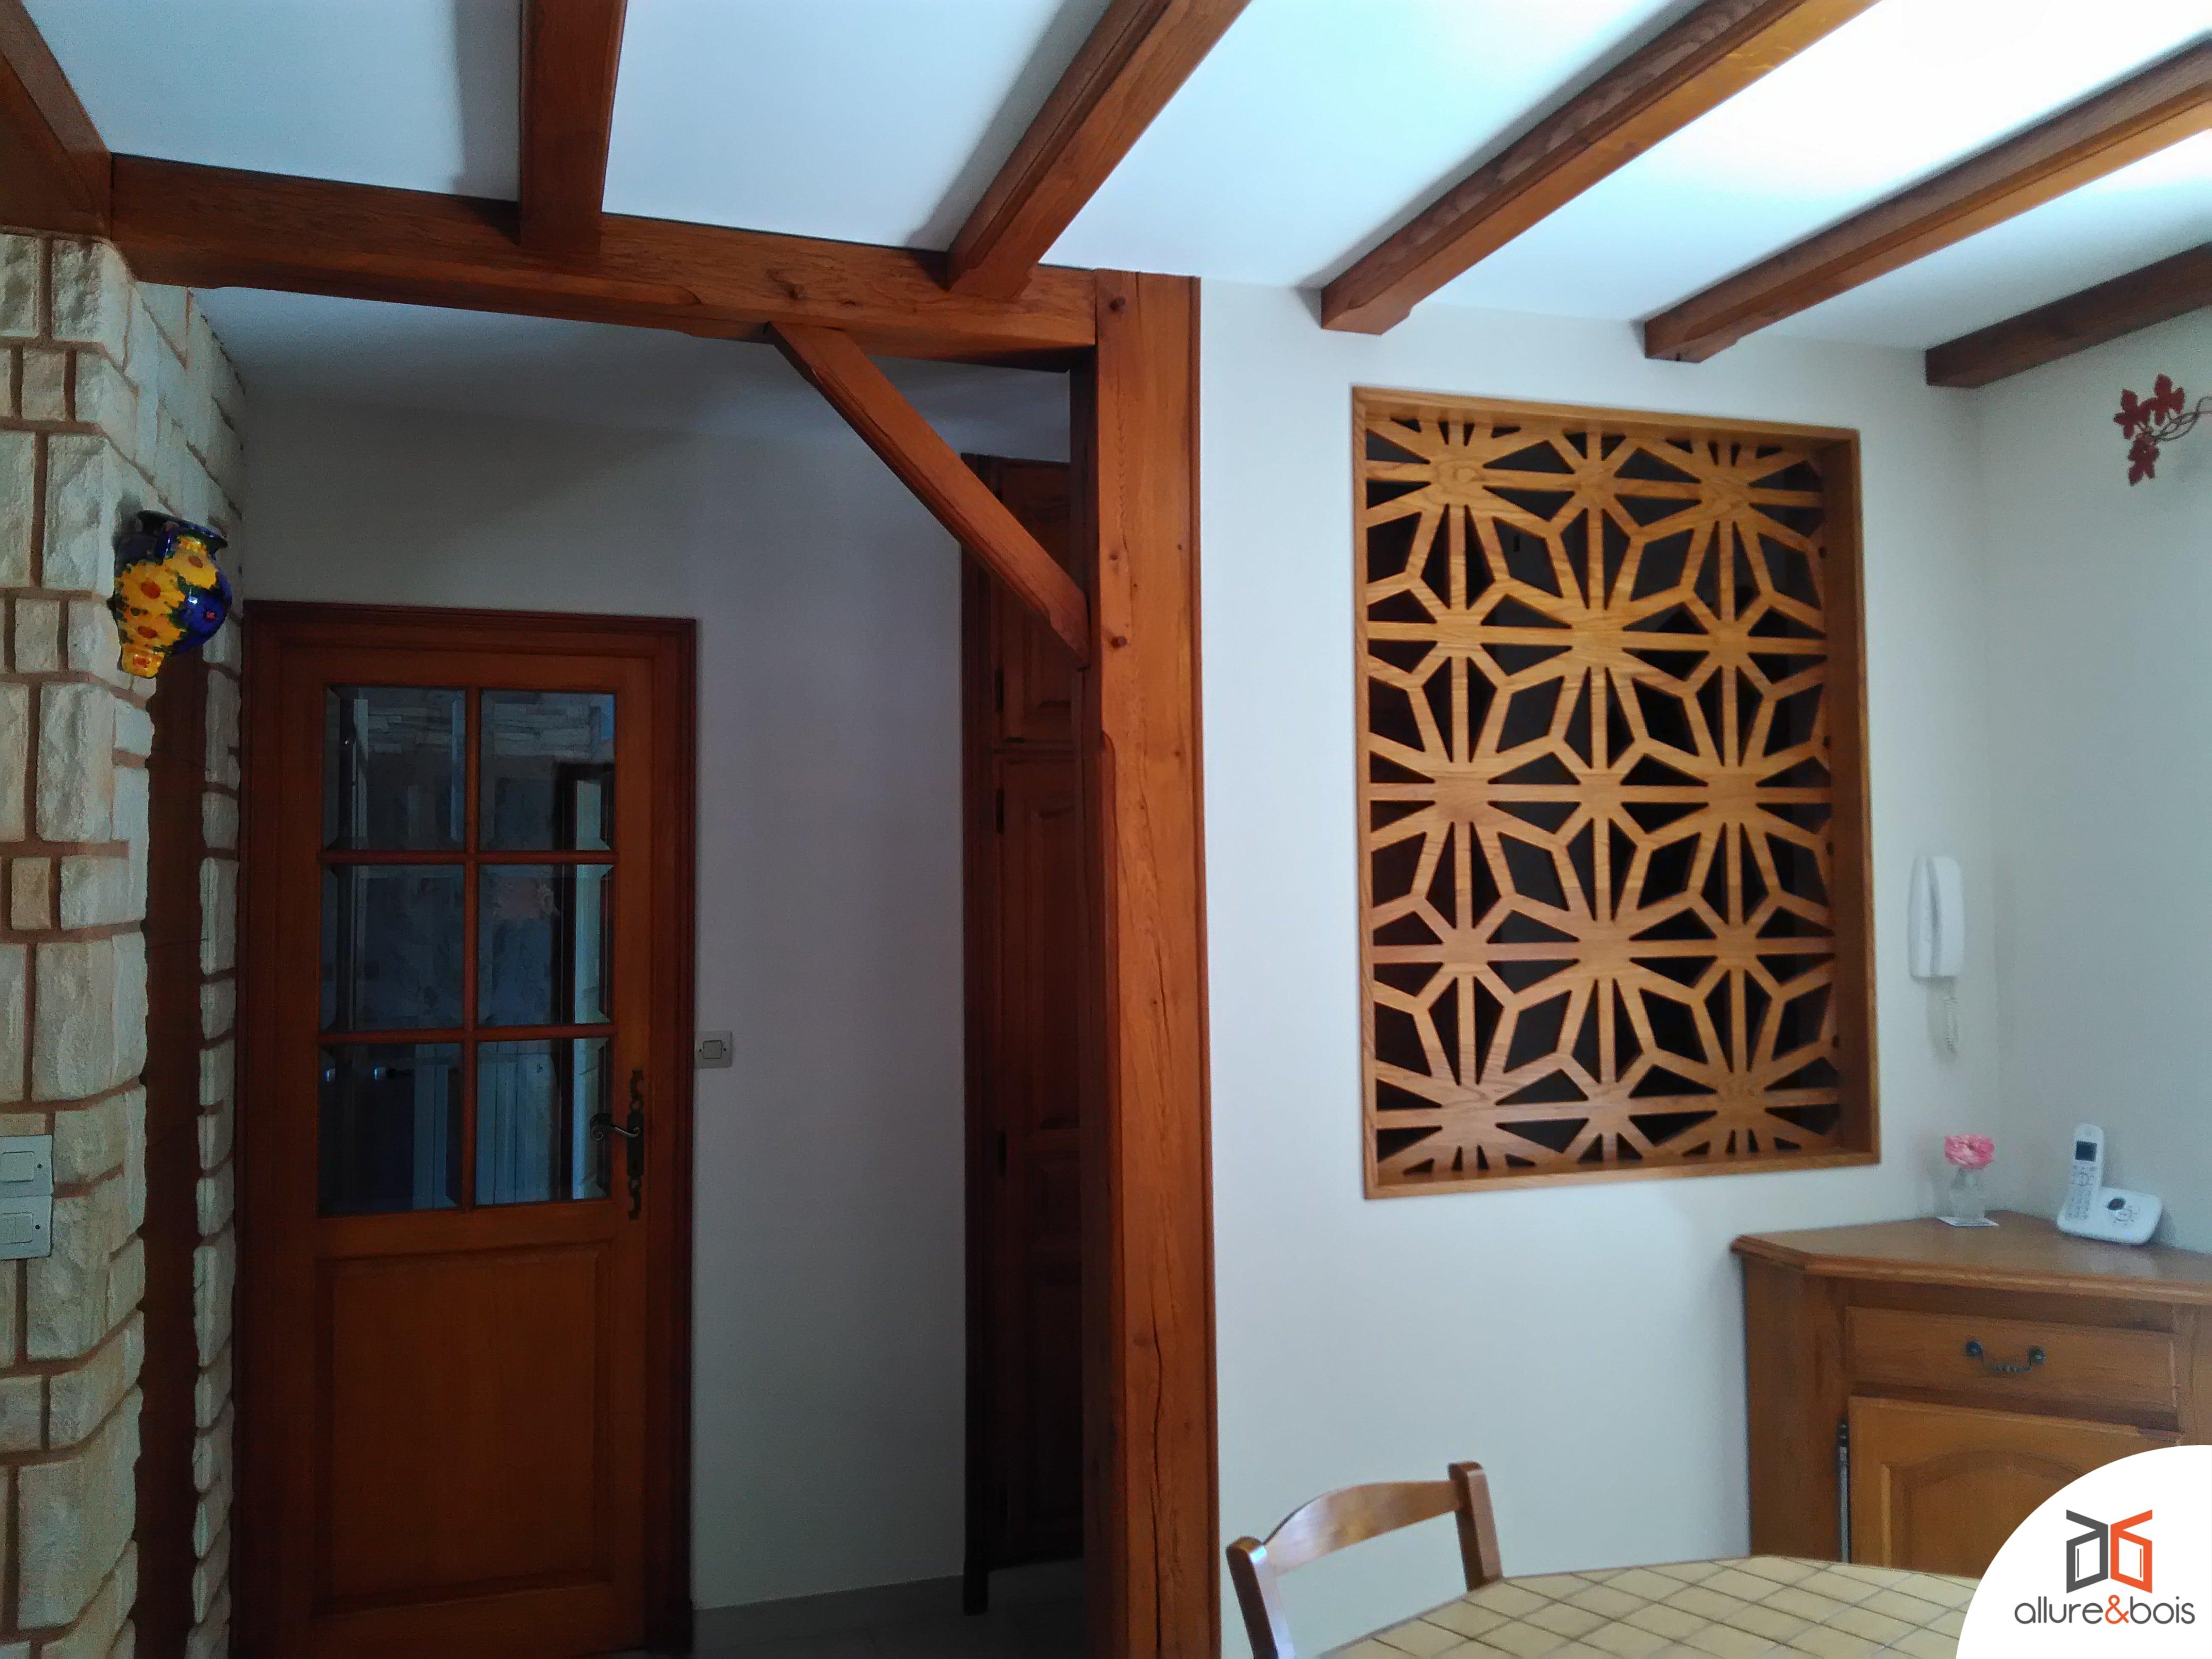 fenêtre intégrée en cloison de chalet en bois